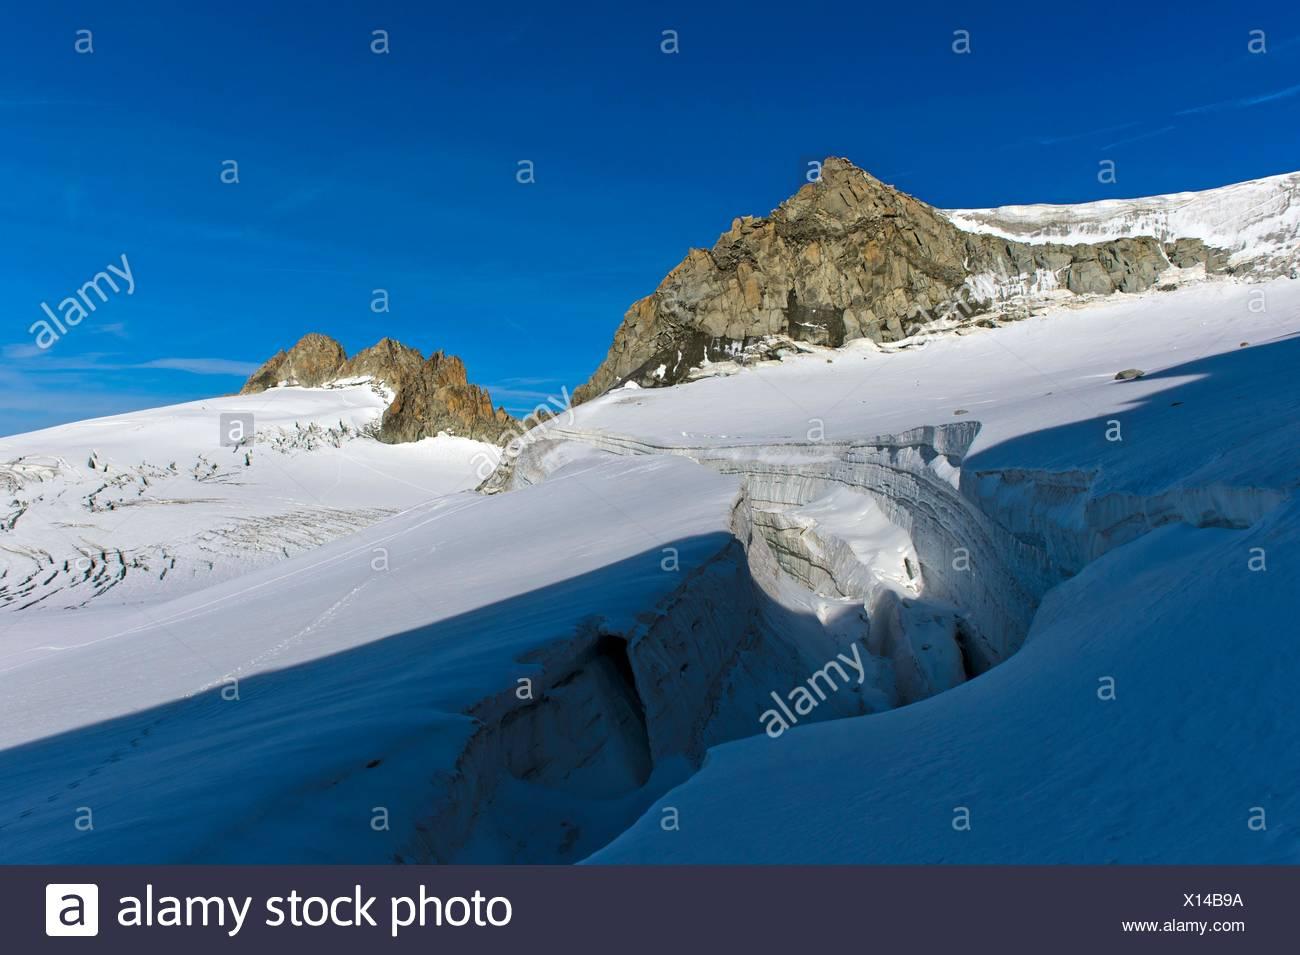 Crevasse on the glacier Plateau du Trient, peaks Tete Blanche and Aiguille du Tour behind, Valais, Switzerland. - Stock Image